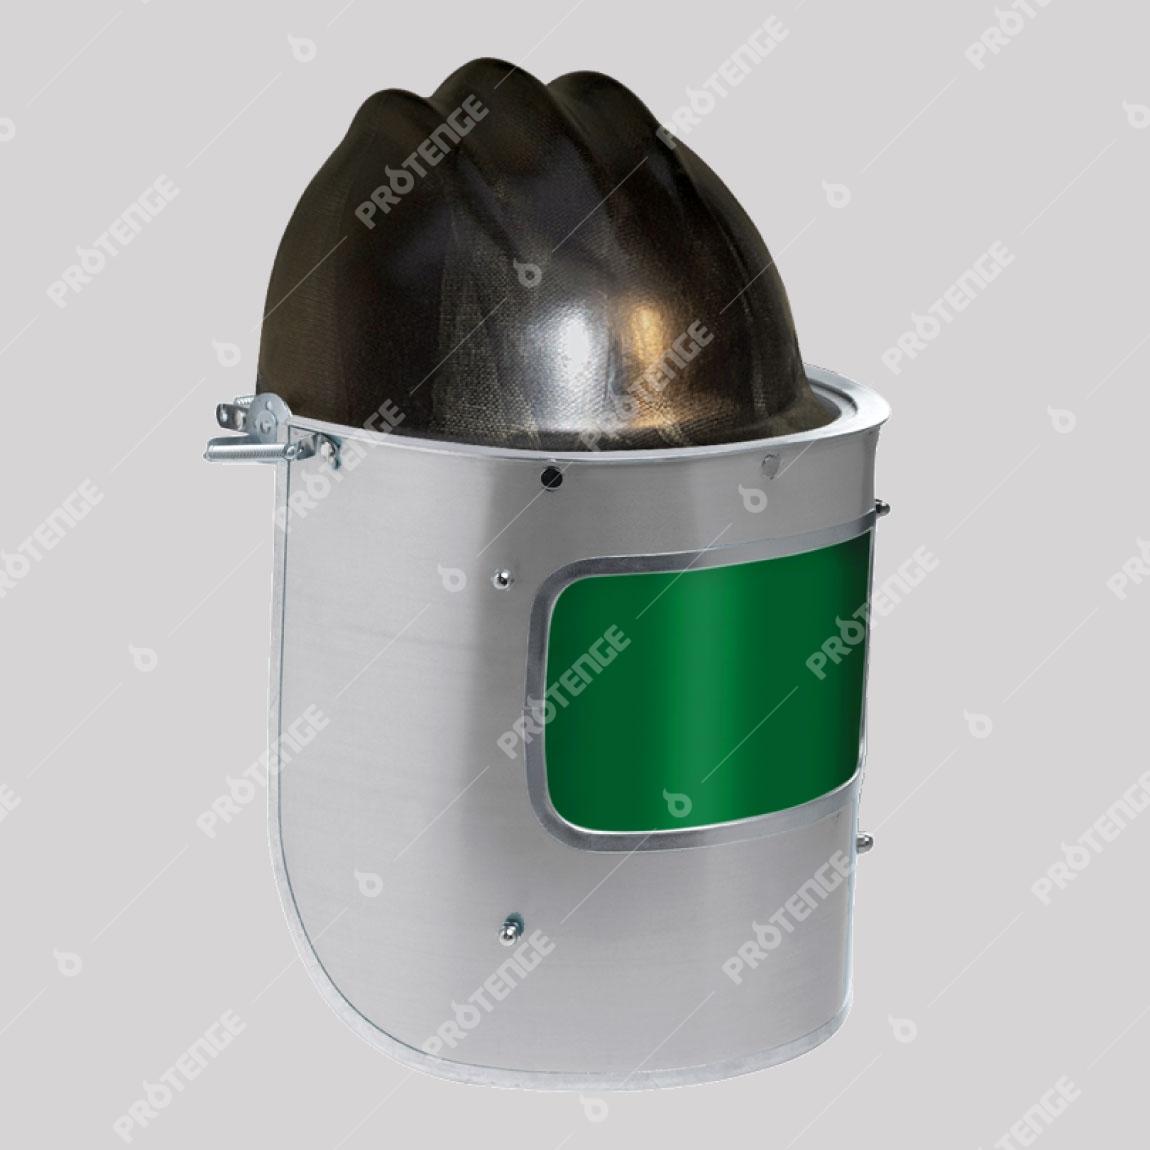 019281d7cafd2 Protetor Facial em Alumínio V2 - Protenge EPI com Engenharia